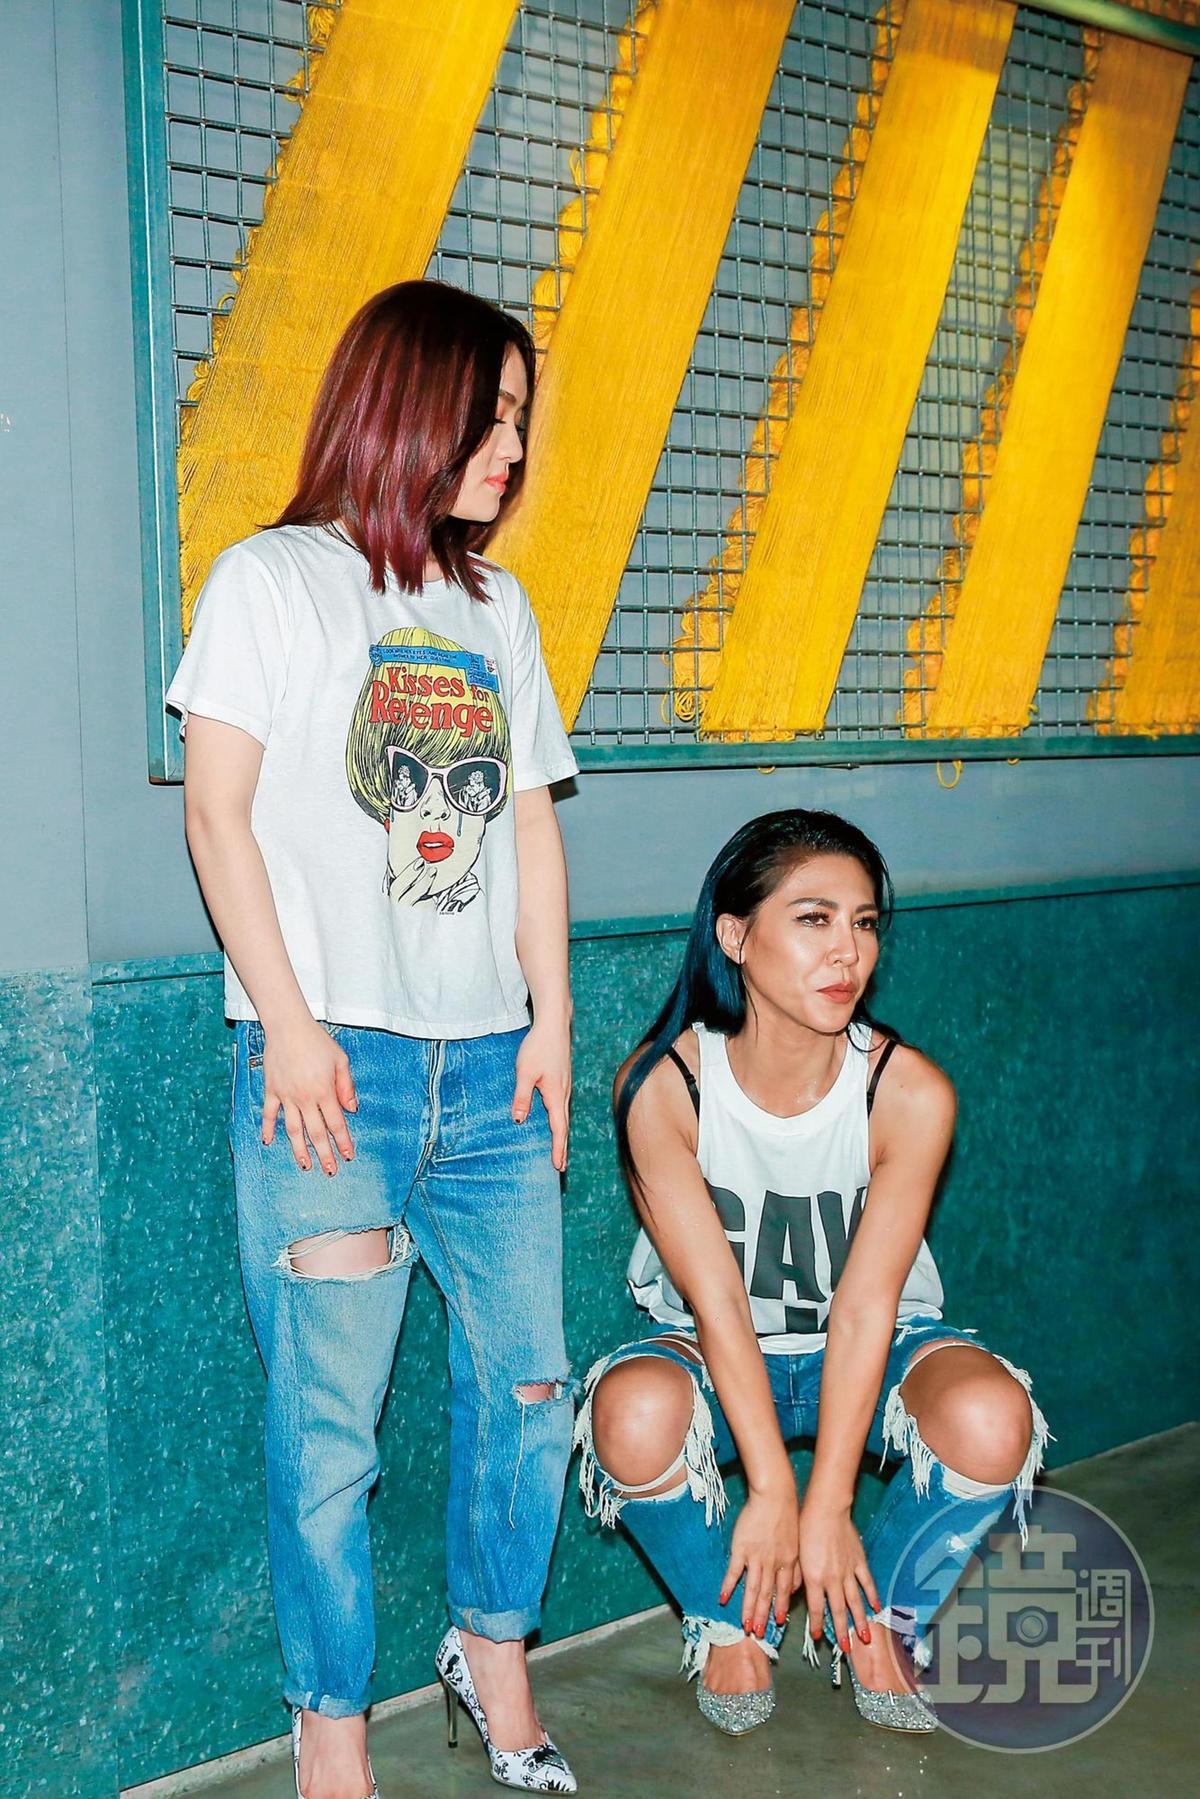 艾怡良(右)的金曲表現失常,造成全城熱話,甚至陳樂融還建議她去檢查聲帶,跟大贏家徐佳瑩(左)成了強烈對比。